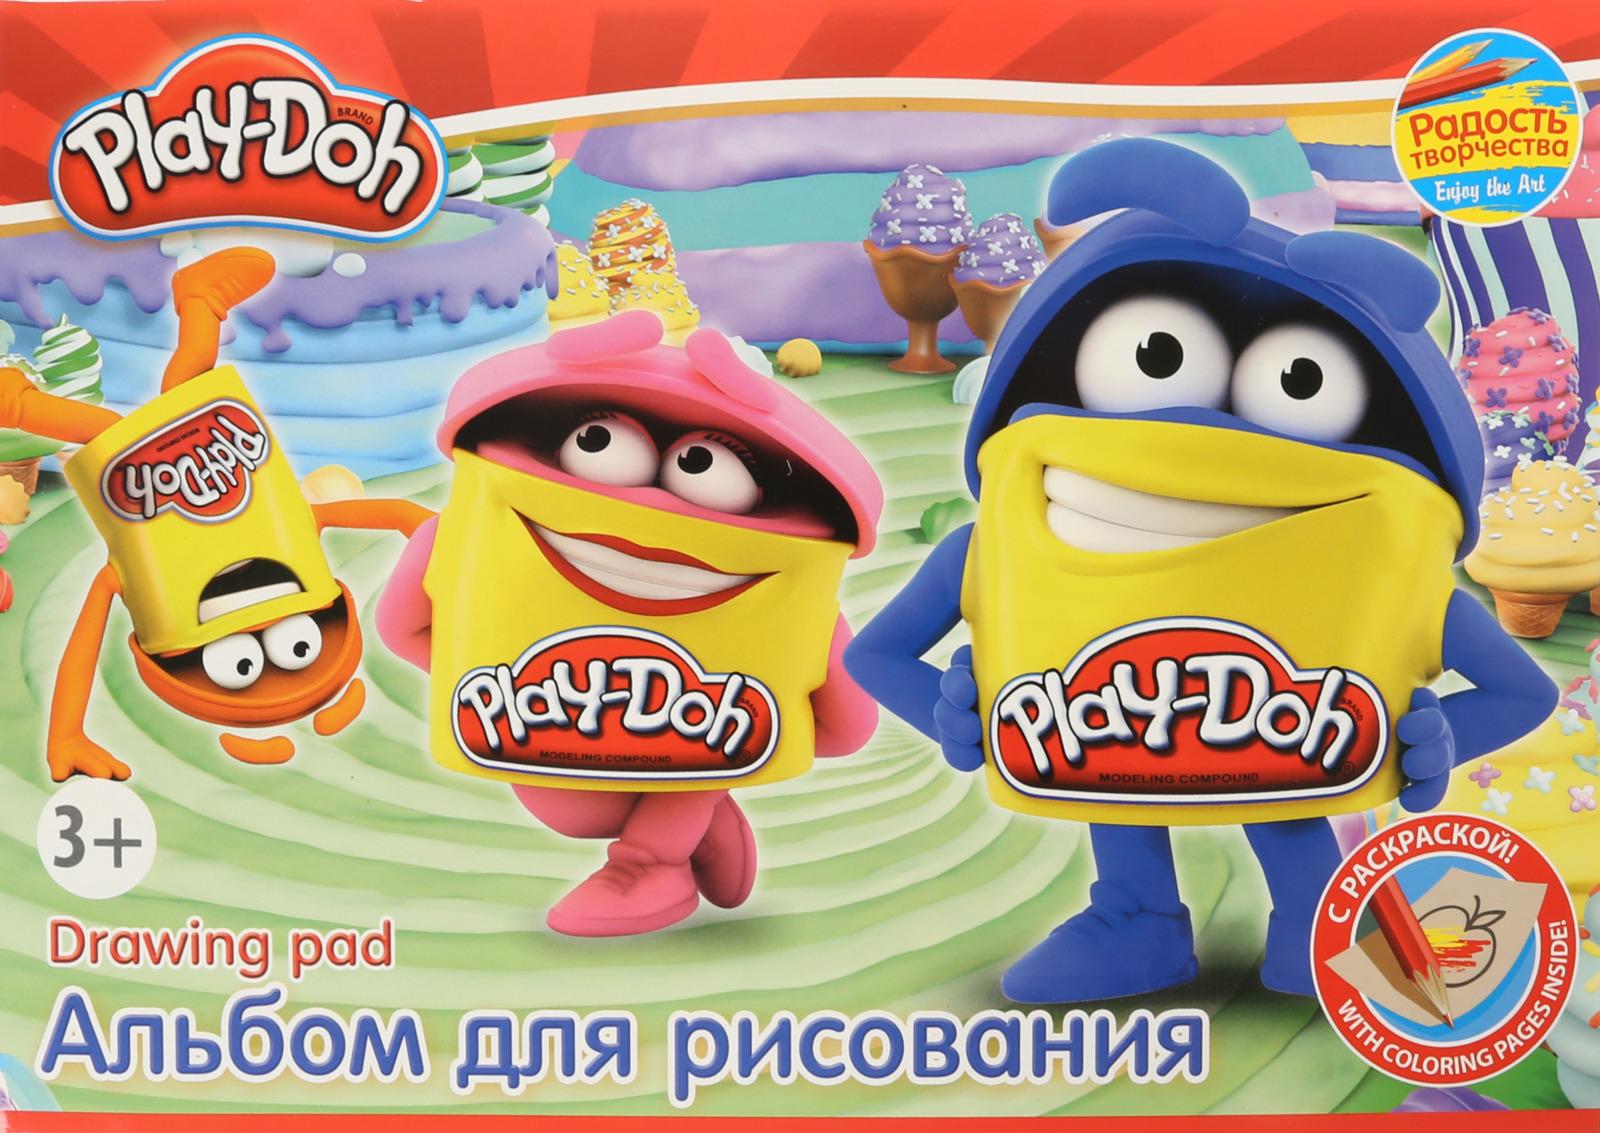 Play-Doh Альбом для рисования 20 листов цвет в ассортименте